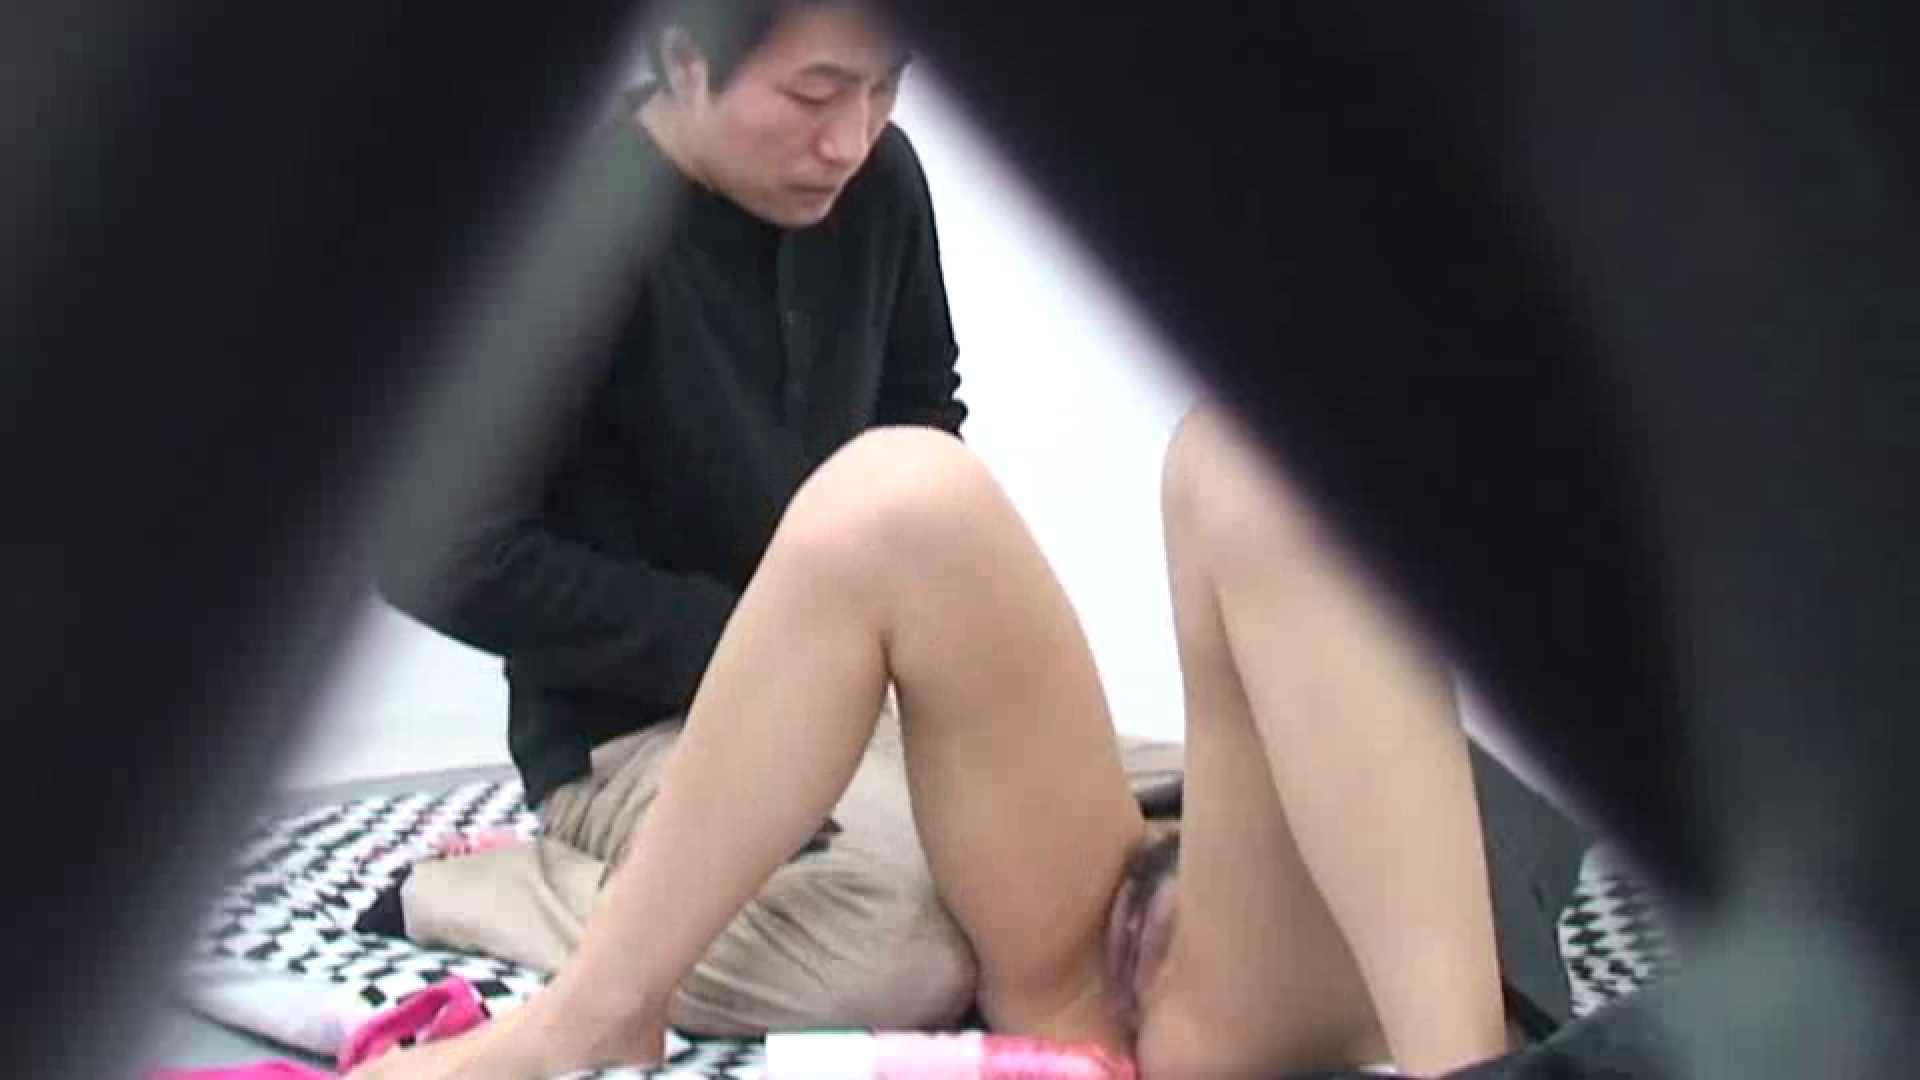 流出!ビデオライブラリrikako vol1 OL裸体 | ギャル達のフェラチオ  71画像 58